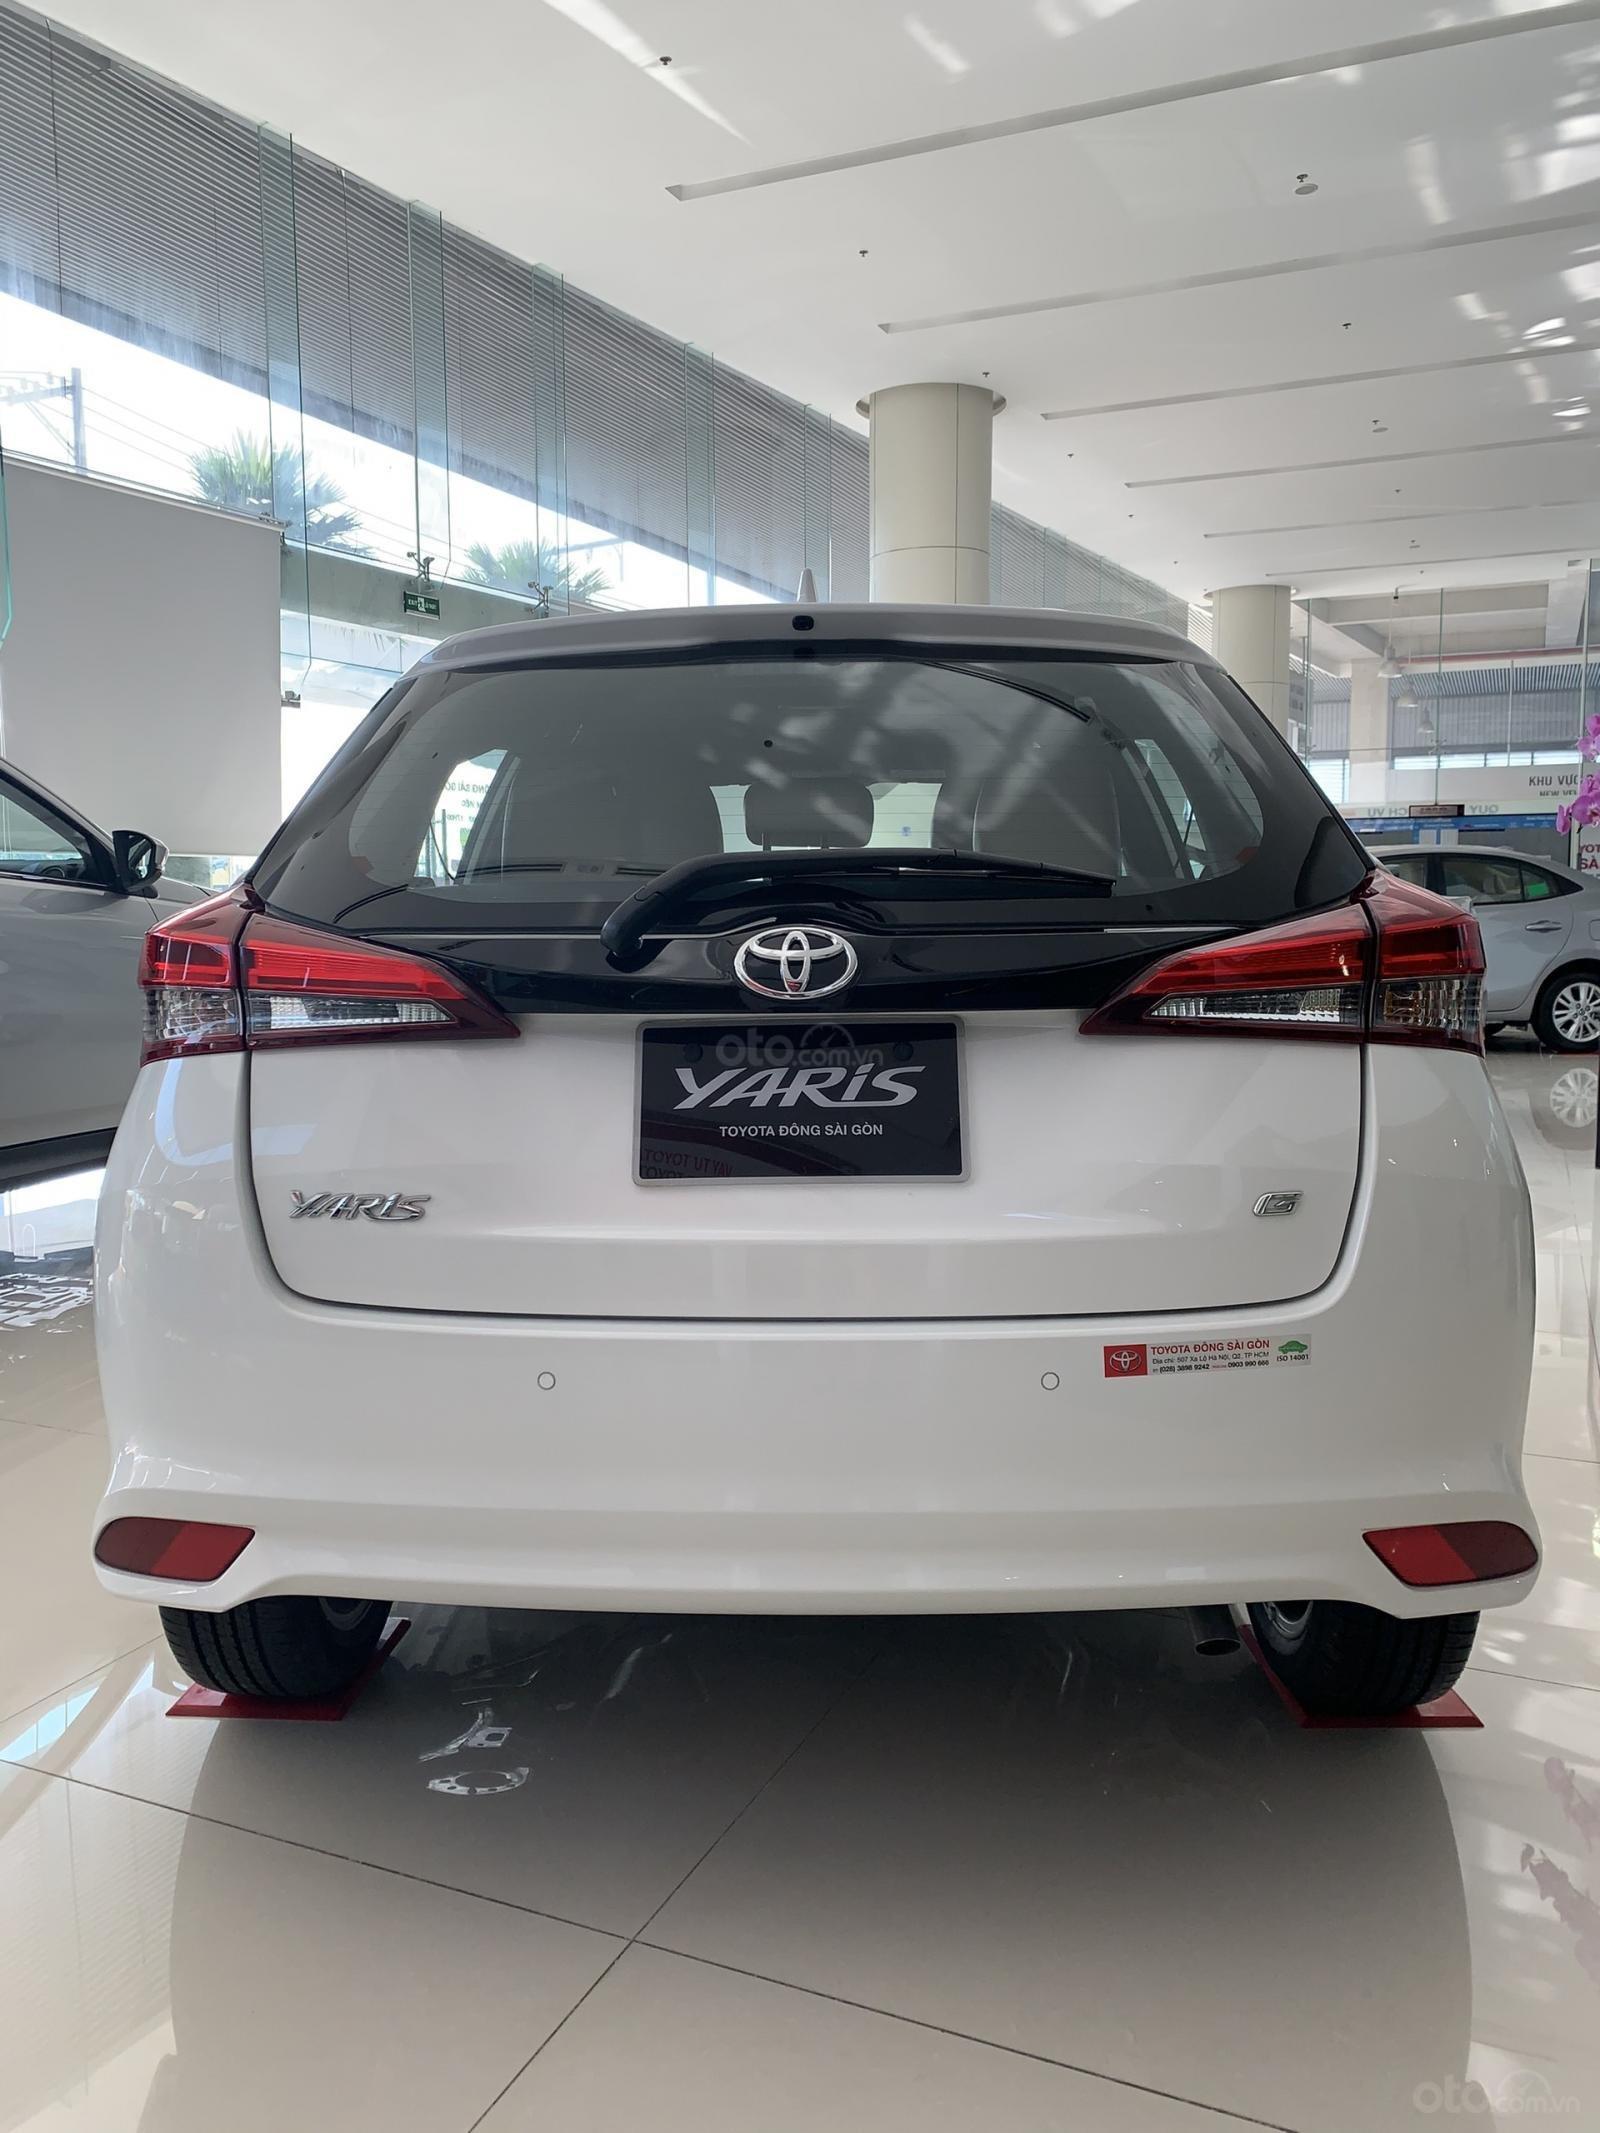 Toyota Yaris giao ngay - đủ màu - khuyến mãi ưu đãi (6)